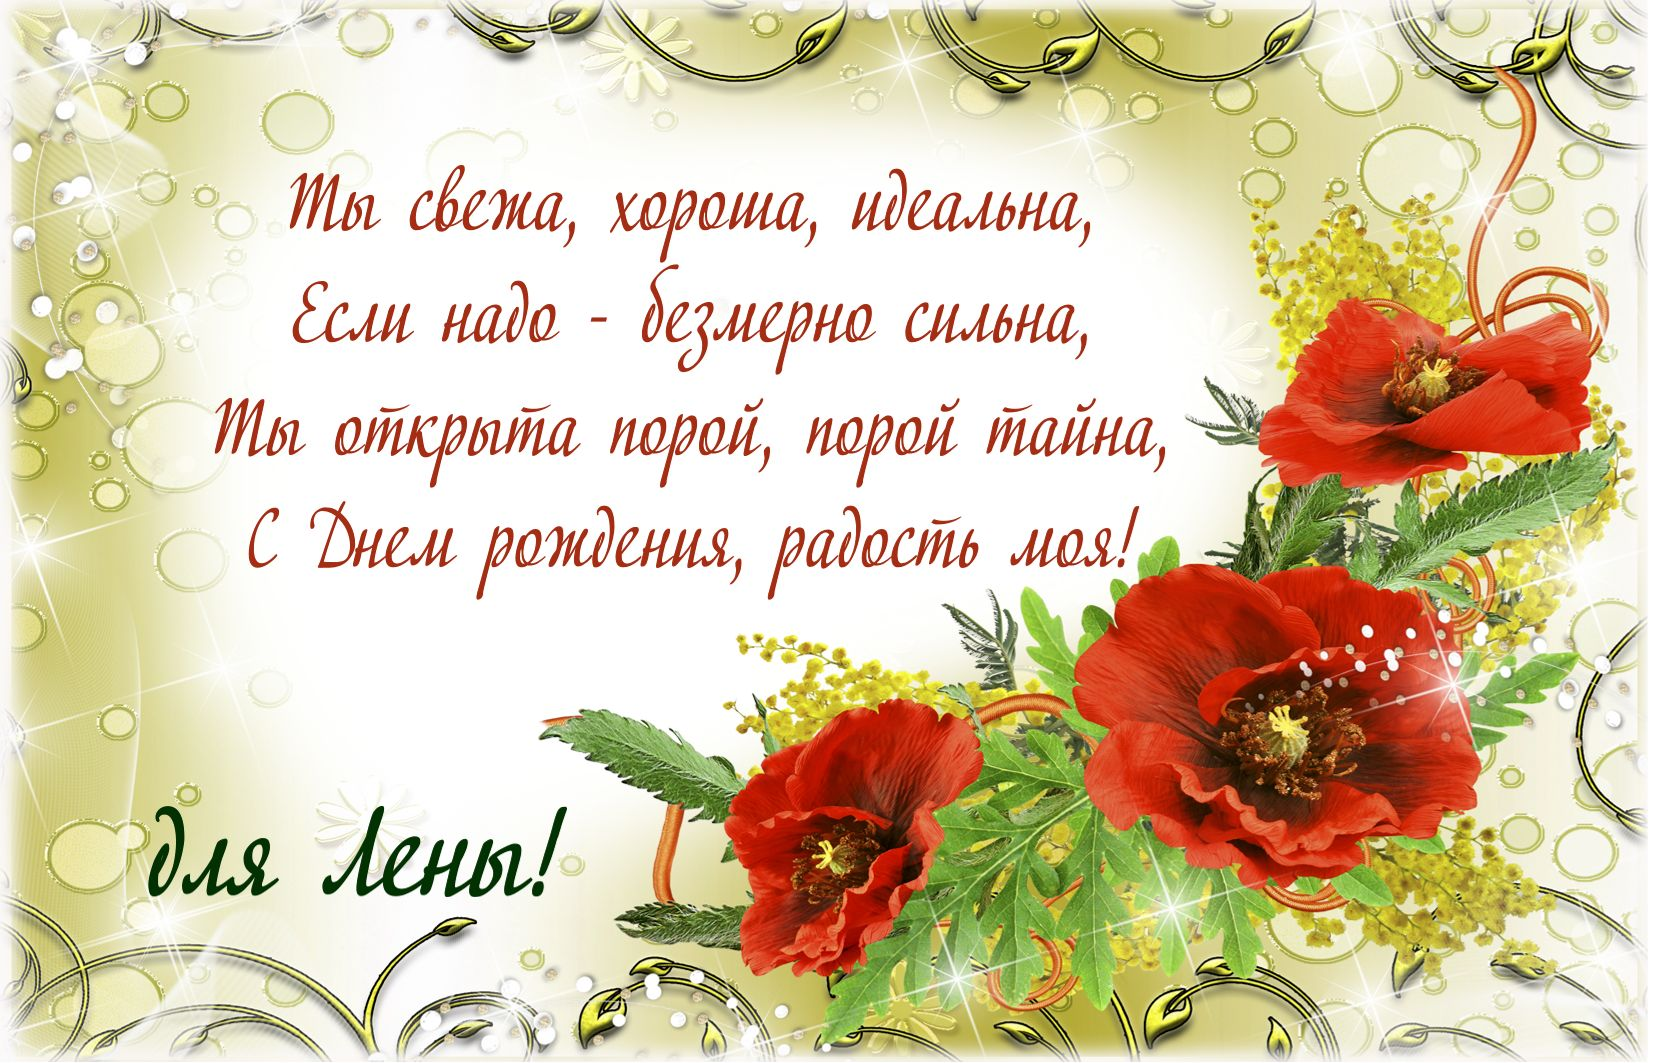 Открытка на День рождения Елене - красные маки в блестящем оформлении